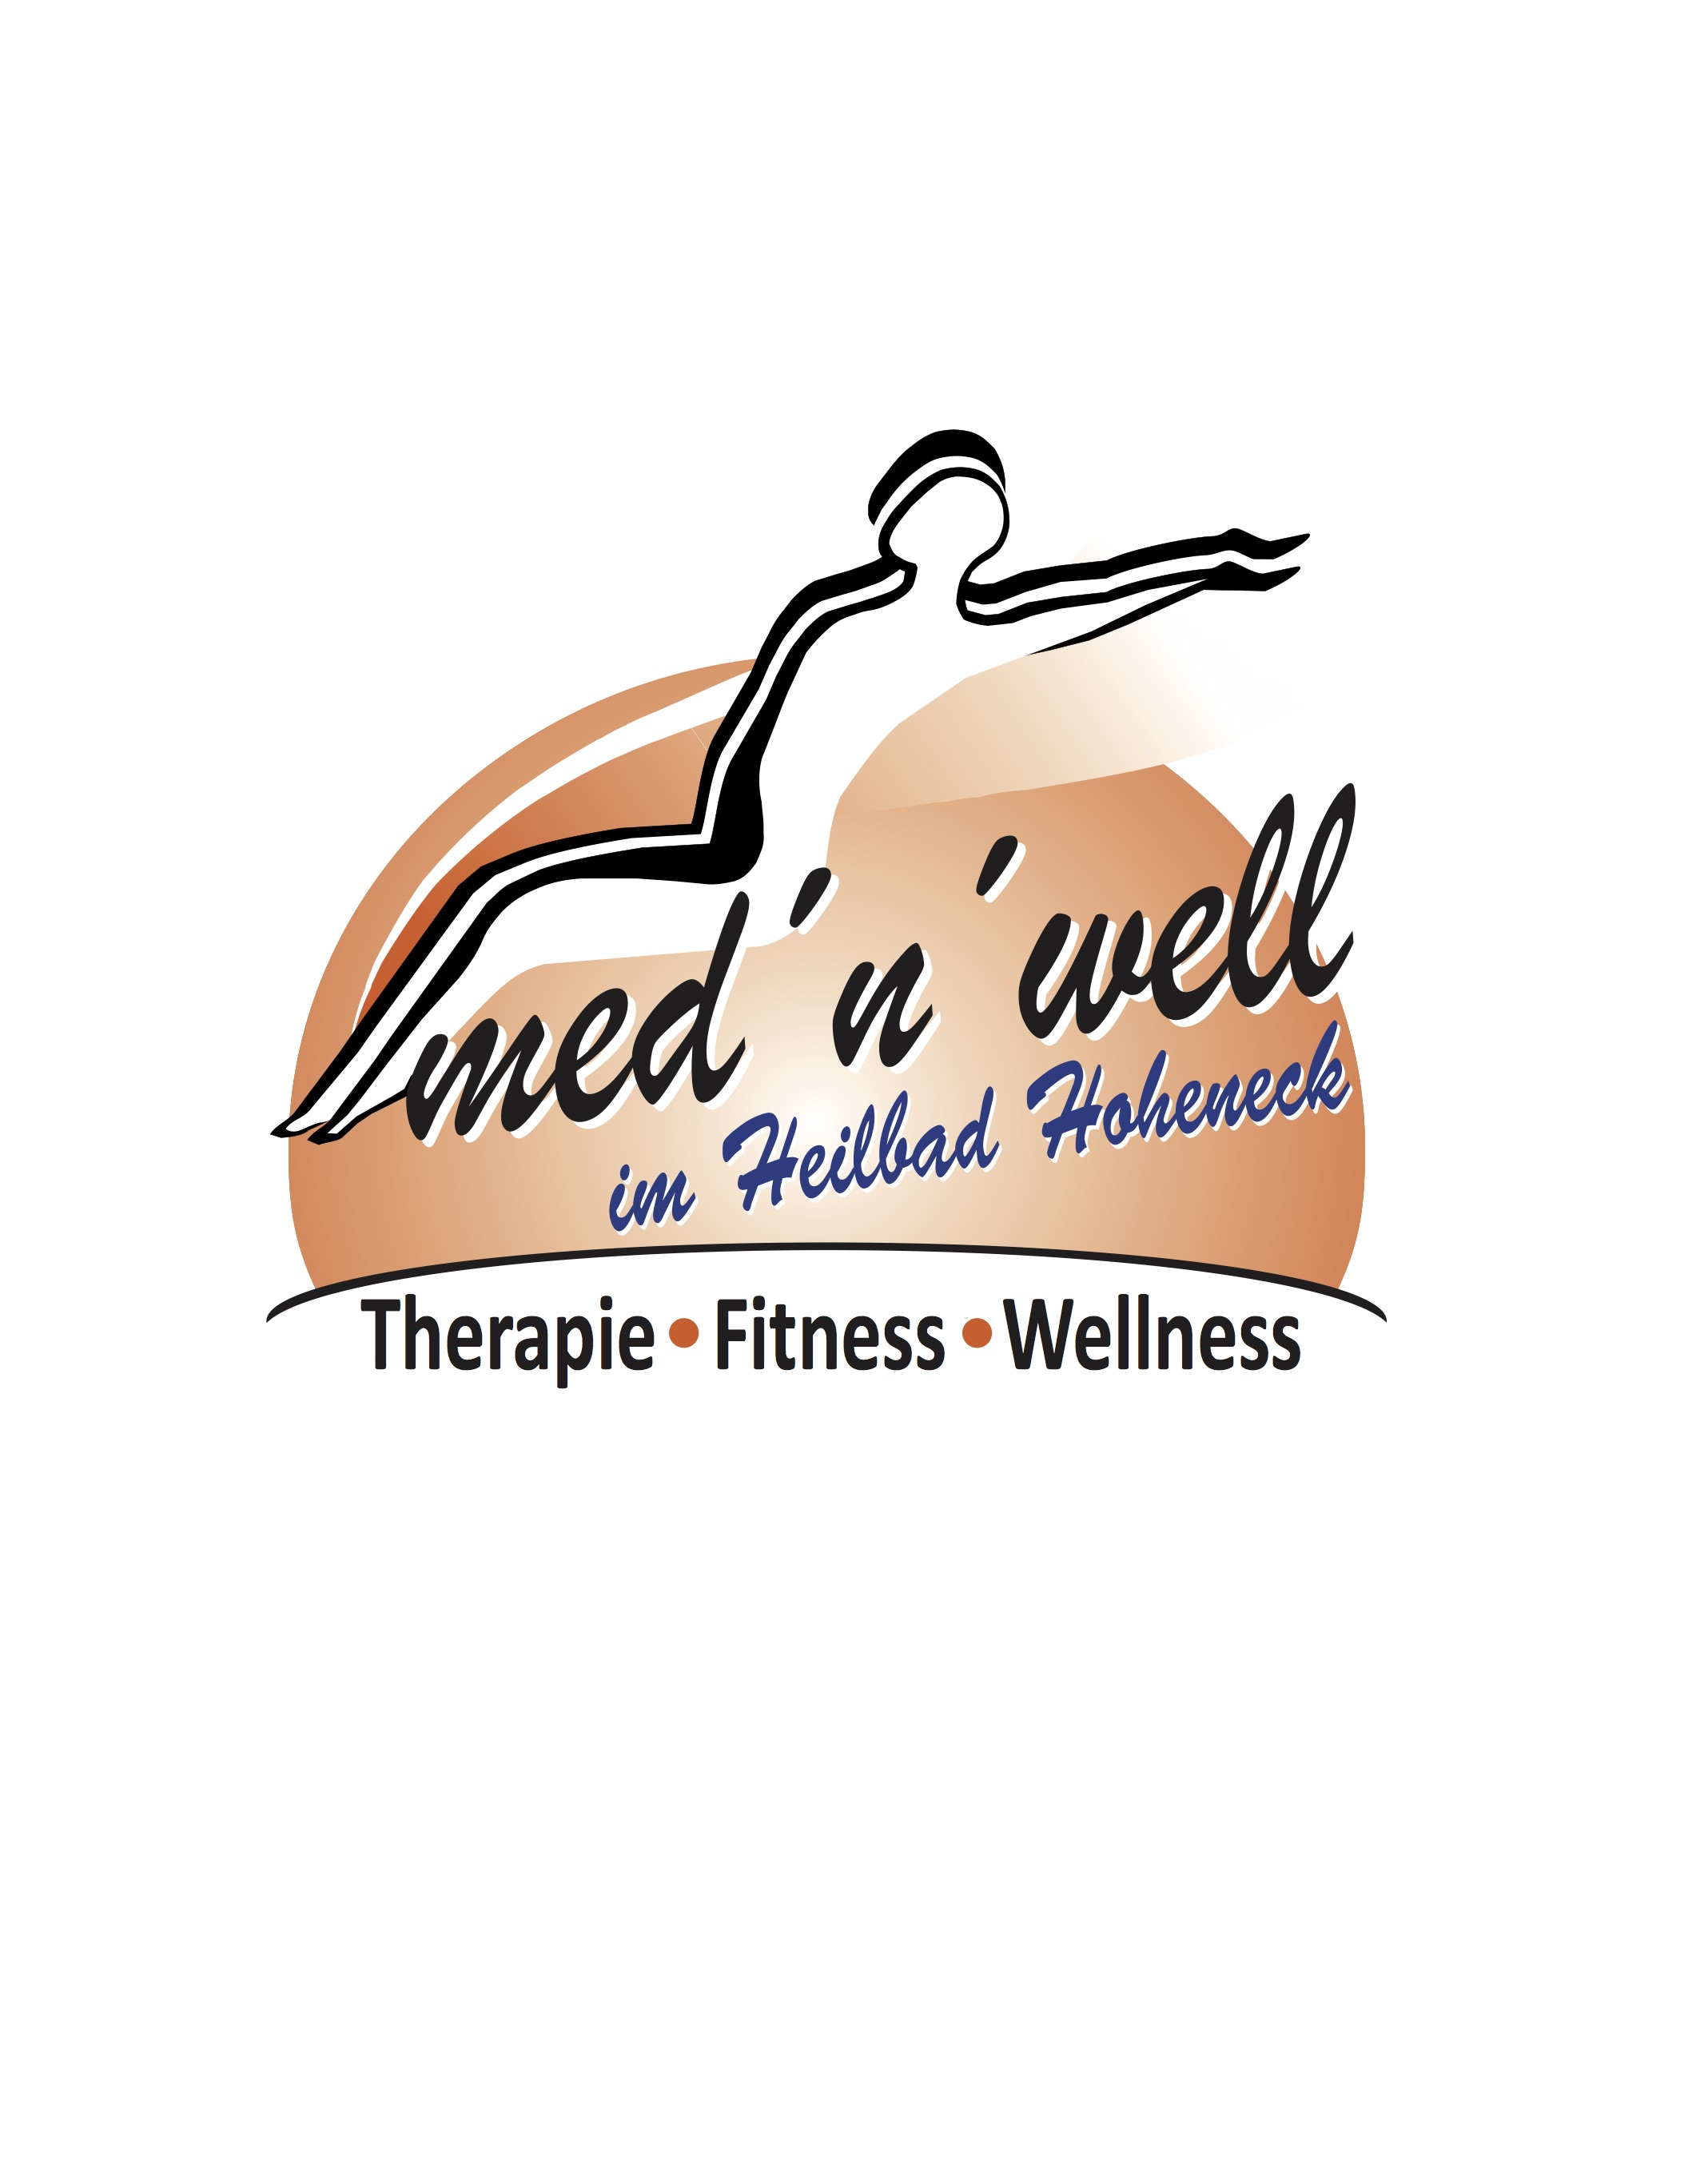 med'n'well Therapie + Sportzentrum im Heilbad Hoheneck